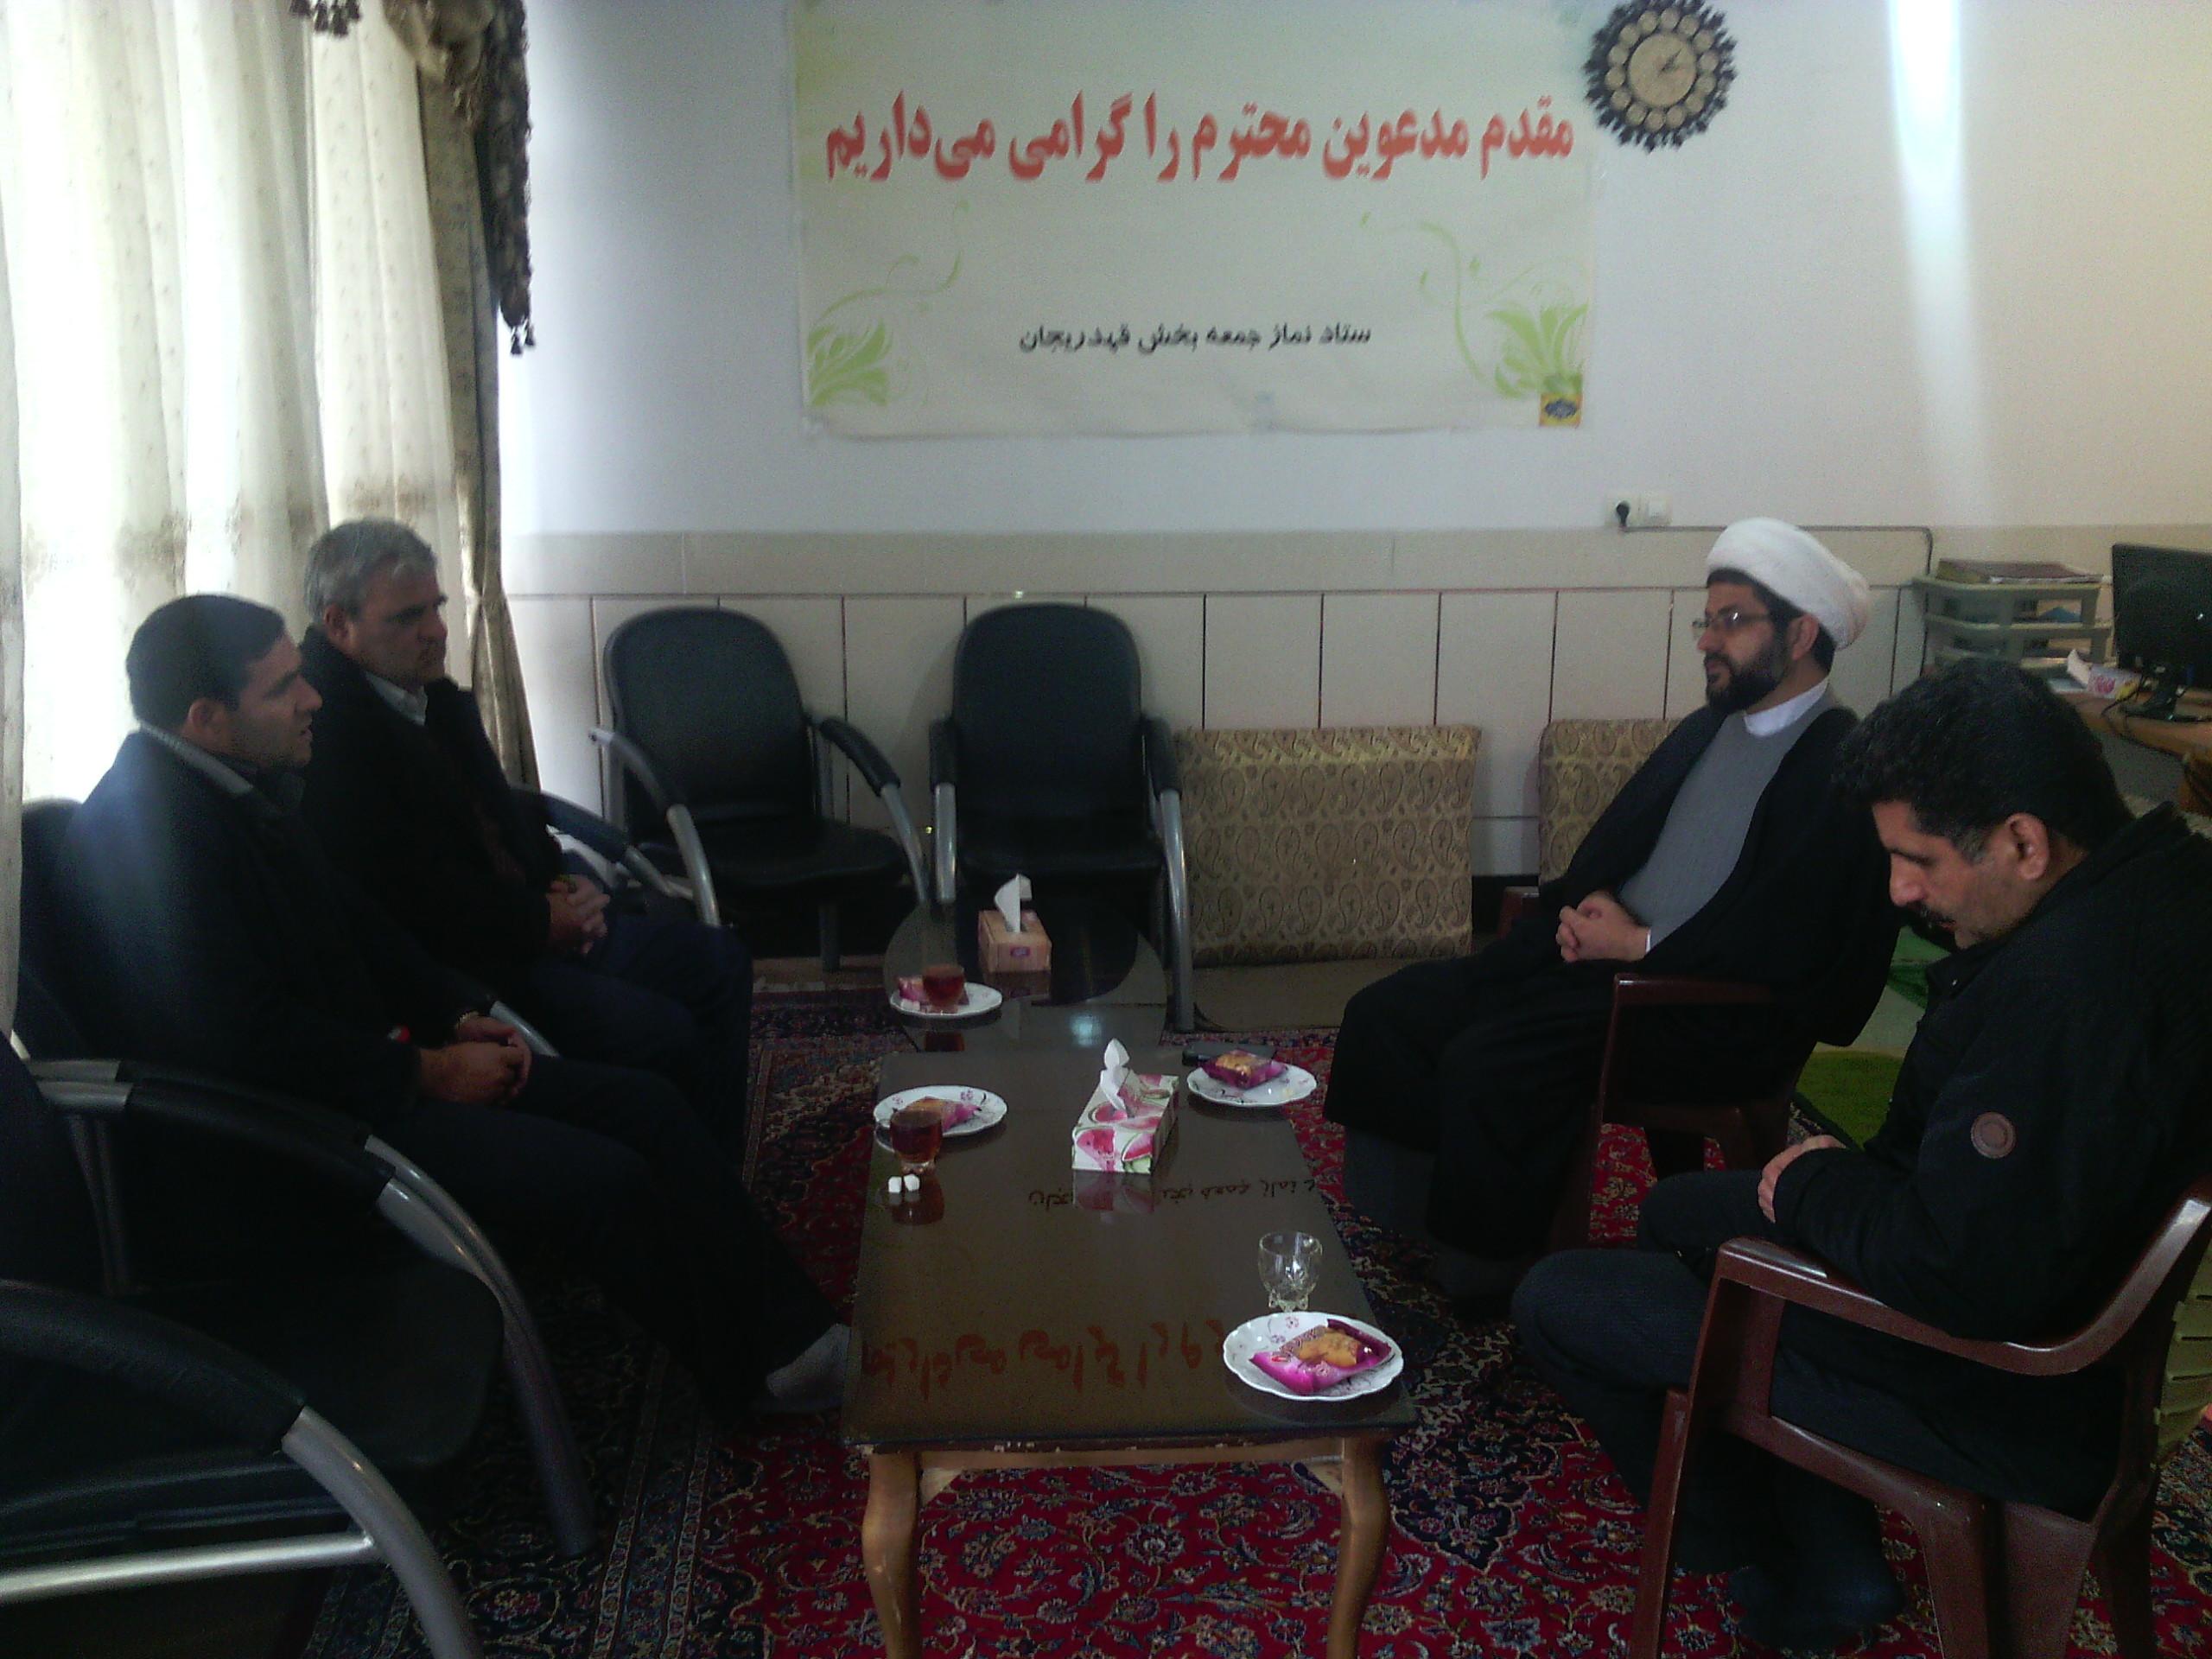 دیدار امام جمعه بخش قهدریجان با آقای پور شبان رئیس اداره برق قهدریجان